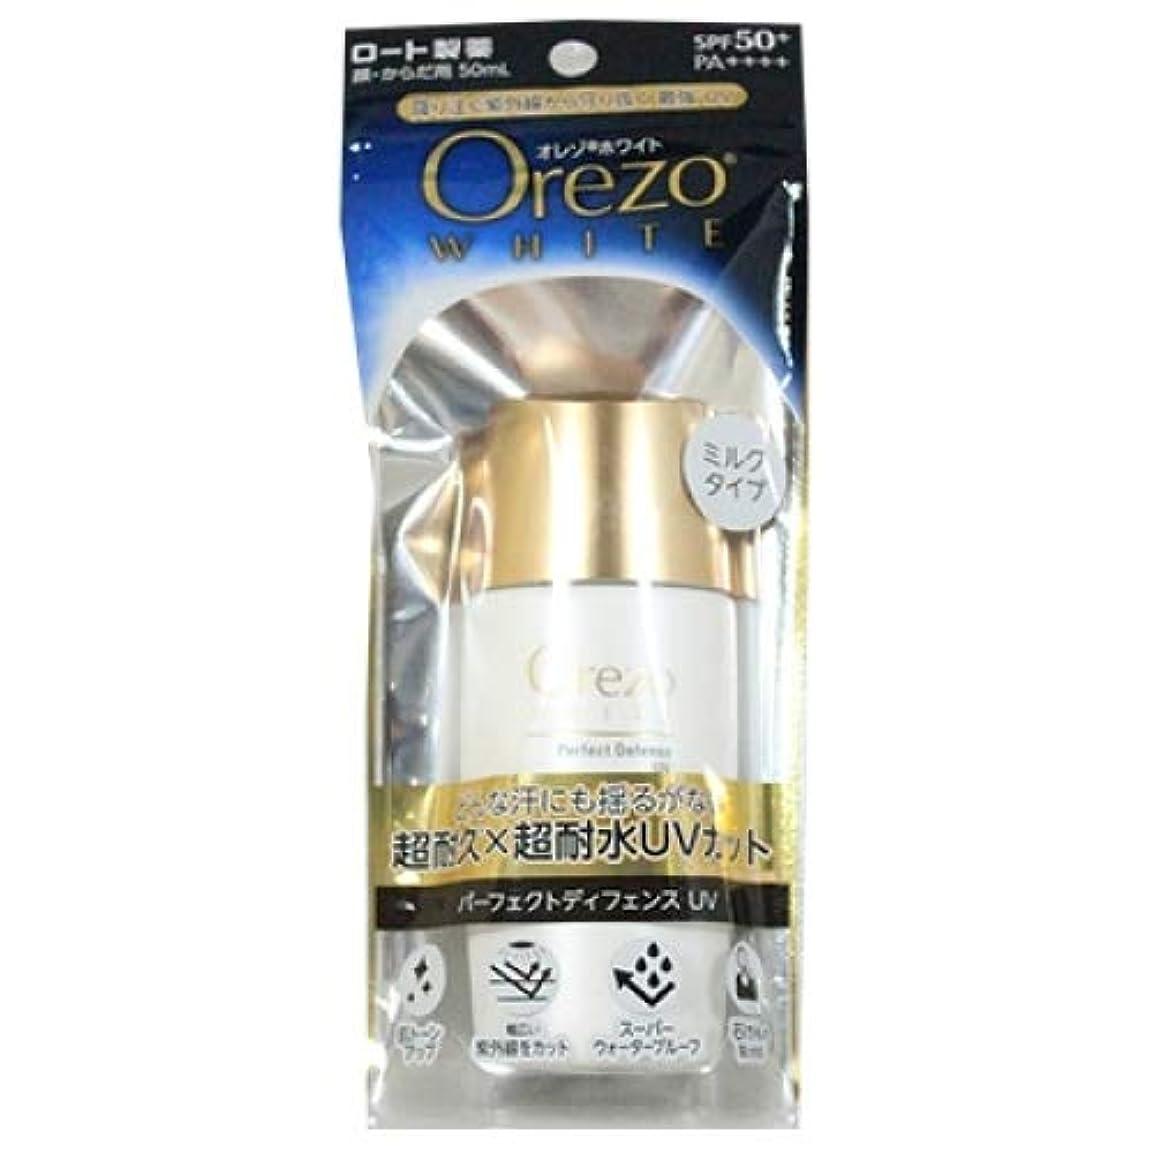 告発者援助前書きロート製薬 Orezo オレゾ ホワイト パーフェクトディフェンスUVa SPF50+ PA++++ (50mL)